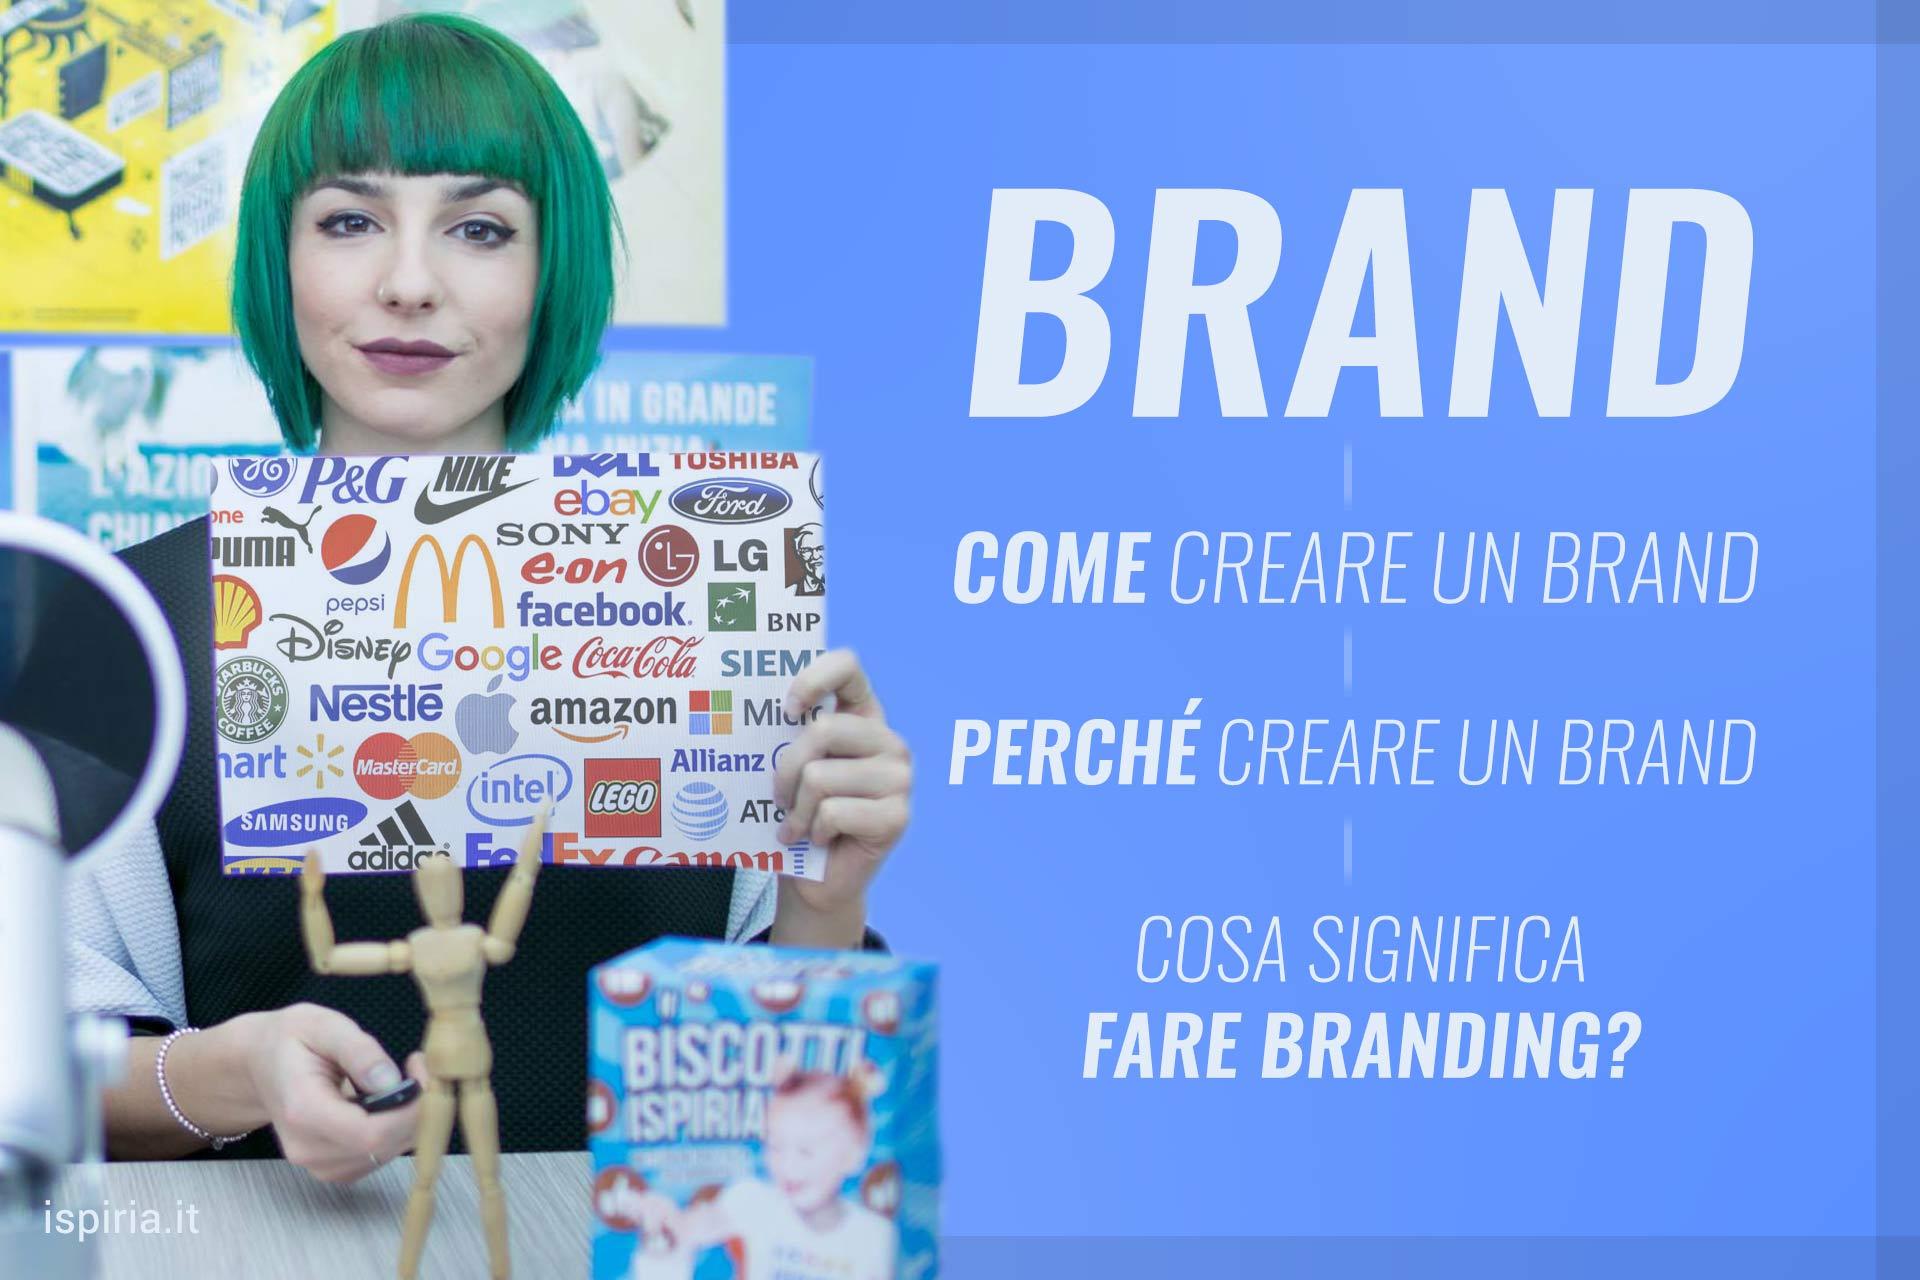 Il Brand, Spiegazione Semplice | Cos'è Il Brand, A Cosa Serve E Come Fare Branding